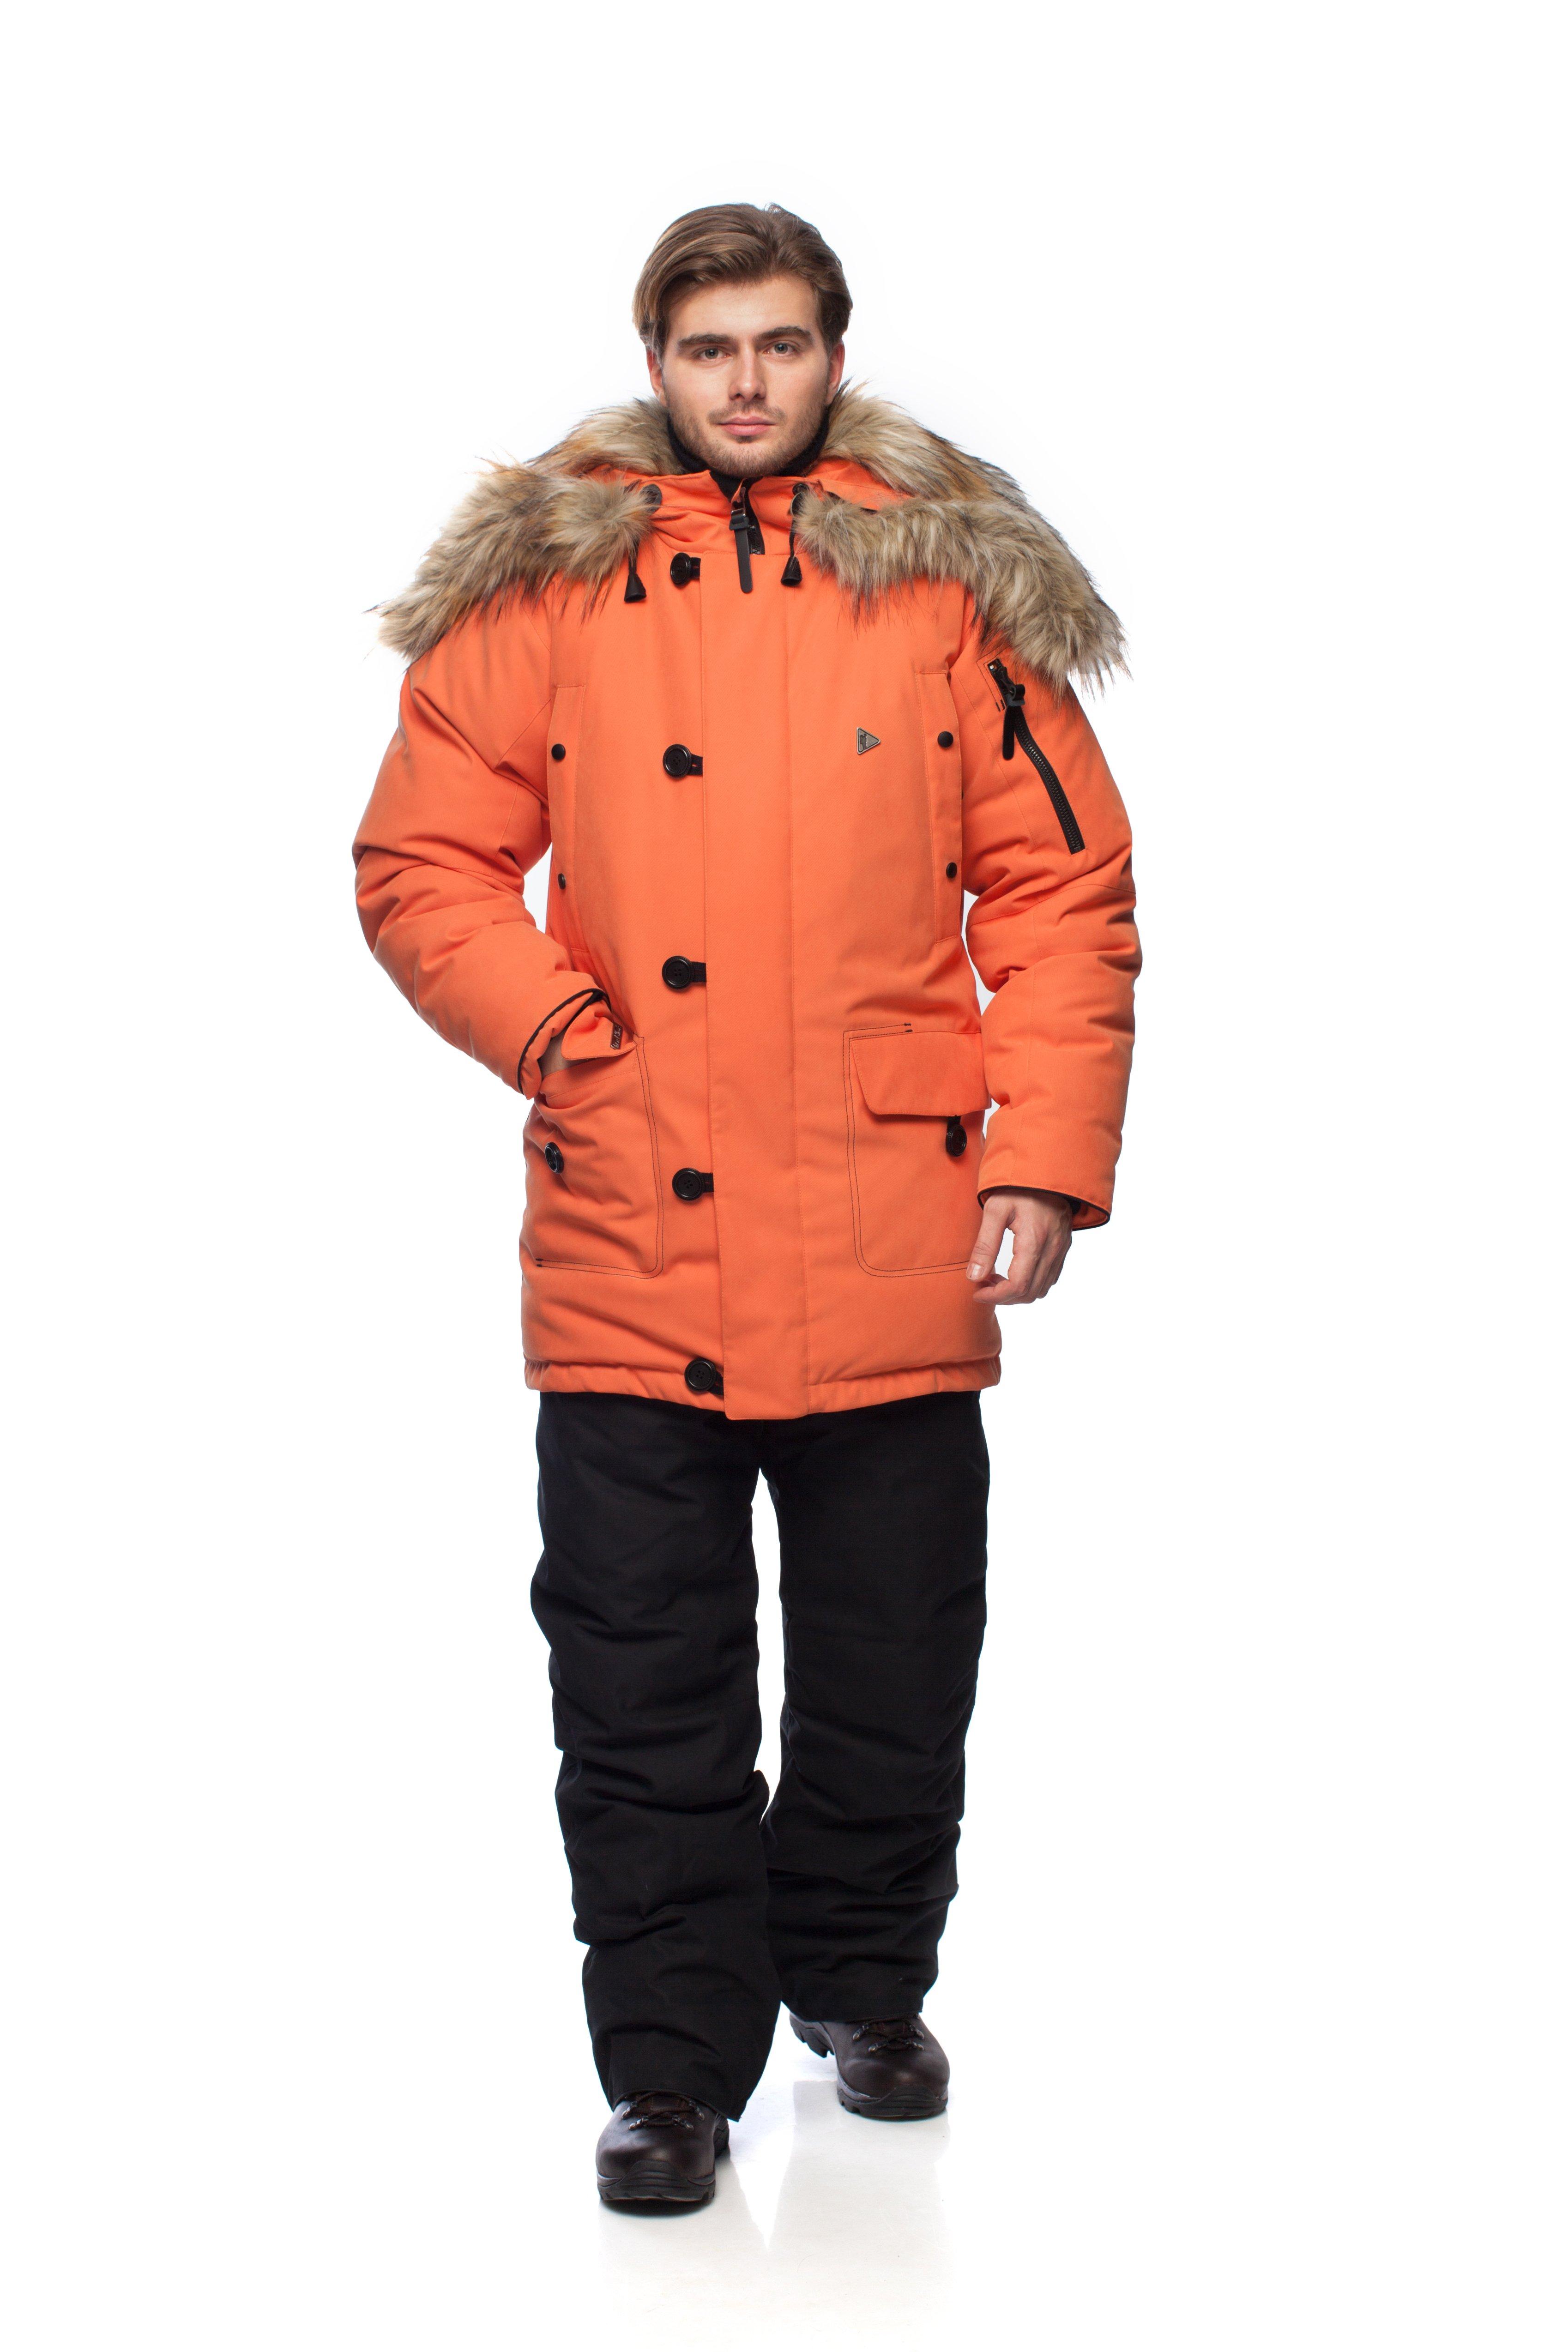 Пуховая куртка BASK DIXON 1461Куртки<br><br><br>&quot;Дышащие&quot; свойства: Да<br>Верхняя ткань: Advance® Alaska<br>Вес граммы: 2920<br>Вес утеплителя: 600<br>Ветро-влагозащитные свойства верхней ткани: Да<br>Ветрозащитная планка: Да<br>Ветрозащитная юбка: Да<br>Влагозащитные молнии: Нет<br>Внутренние манжеты: Да<br>Внутренняя ткань: Advance® Classic<br>Водонепроницаемость: 5000<br>Дублирующий центральную молнию клапан: Да<br>Защитный козырёк капюшона: Нет<br>Капюшон: Несъемный<br>Карман для средств связи: Нет<br>Количество внешних карманов: 5<br>Количество внутренних карманов: 4<br>Коллекция: Pole to Pole<br>Мембрана: Да<br>Объемный крой локтевой зоны: Да<br>Отстёгивающиеся рукава: Нет<br>Паропроницаемость: 5000<br>Показатель Fill Power (для пуховых изделий): 650<br>Пол: Мужской<br>Проклейка швов: Нет<br>Регулировка манжетов рукавов: Нет<br>Регулировка низа: Нет<br>Регулировка объёма капюшона: Да<br>Регулировка талии: Да<br>Регулируемые вентиляционные отверстия: Нет<br>Световозвращающая лента: Нет<br>Температурный режим: -80<br>Технология Thermal Welding: Нет<br>Технология швов: Простые<br>Тип молнии: Двухзамковая<br>Тип утеплителя: Коминированный<br>Ткань усиления: Нет<br>Усиление контактных зон: Нет<br>Утеплитель: Гусиный пух<br>Размер RU: 44<br>Цвет: КРАСНЫЙ